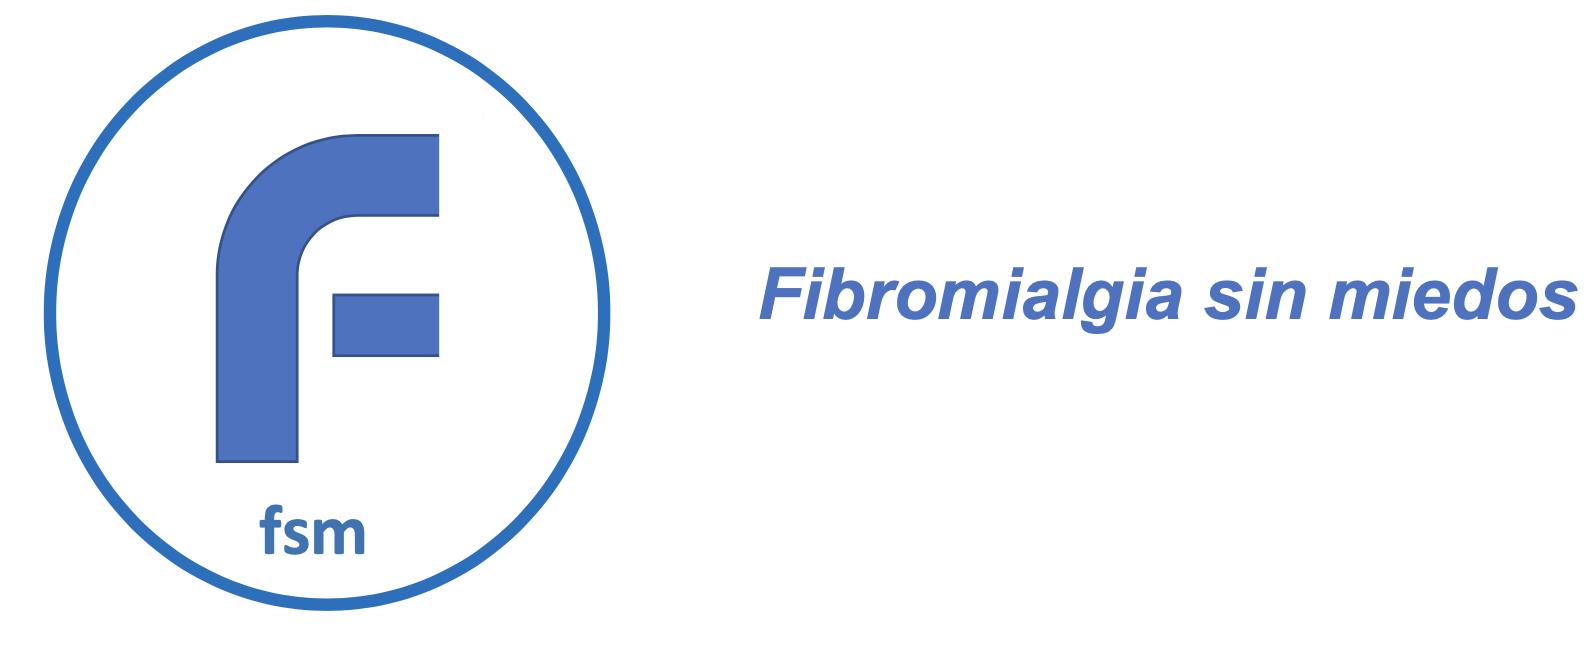 Fibromialgia sin miedos